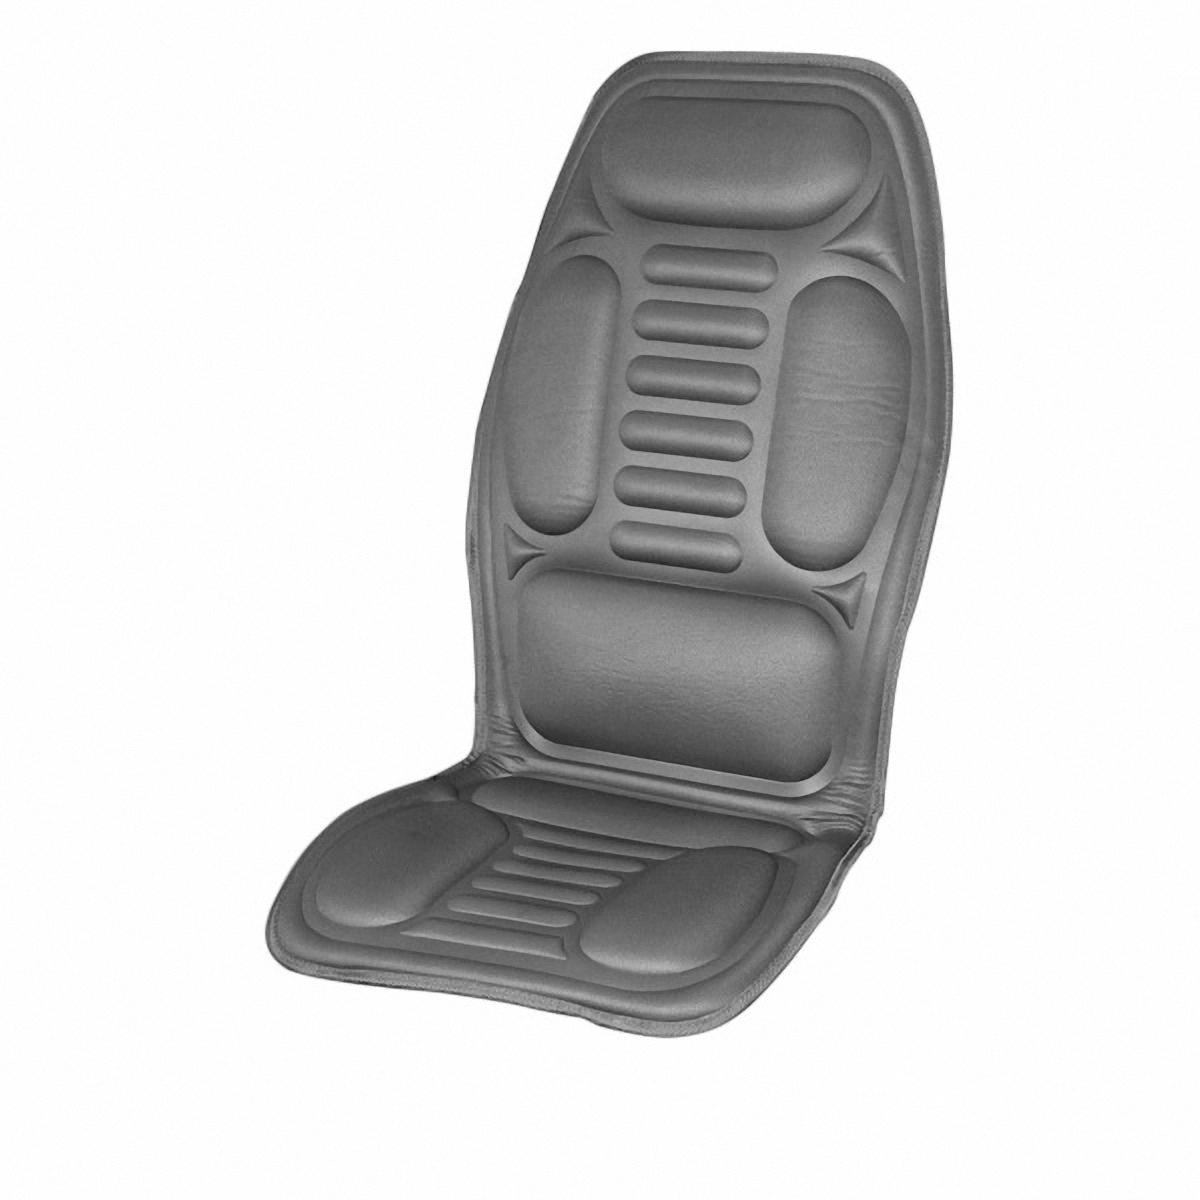 Подогрев для сиденья Skyway, со спинкой, цвет: серый, 120 х 51 см защита спинки сиденья skyway s06101011 black